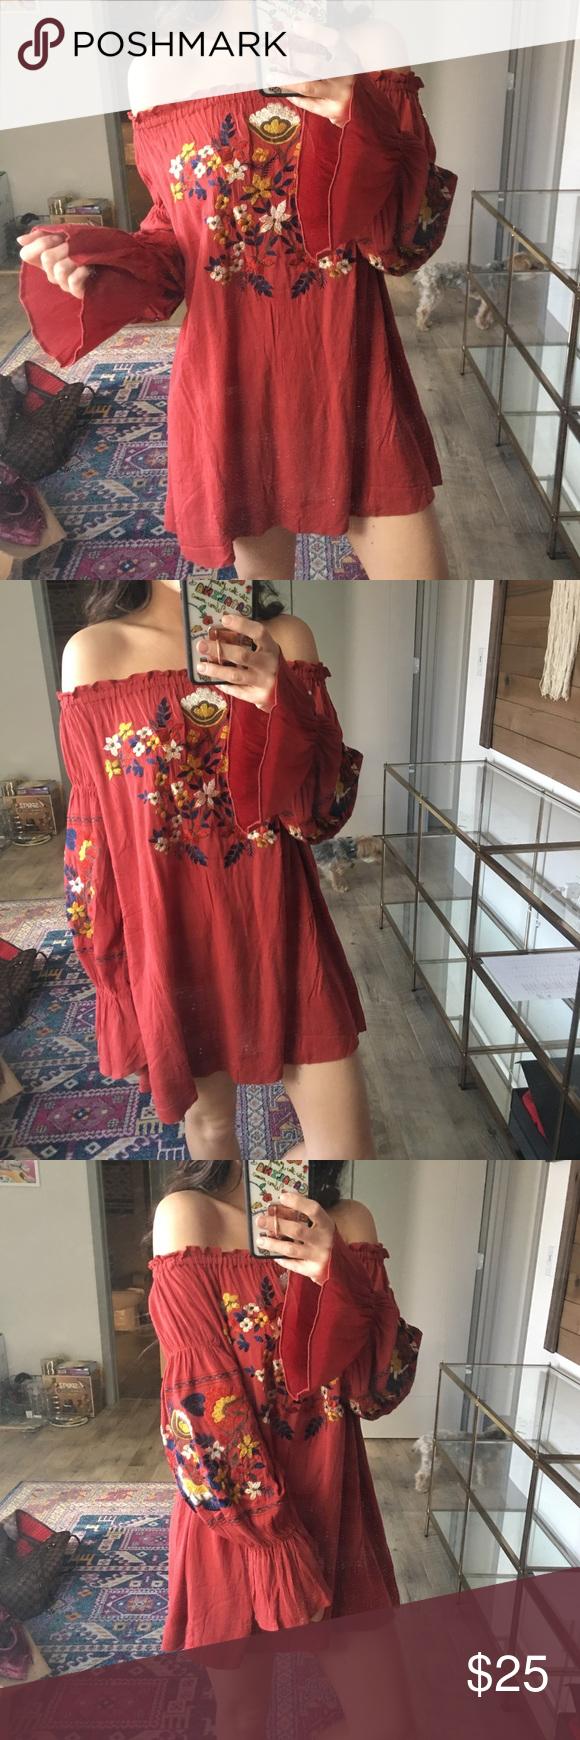 Off the shoulder dress shoulder dress long torso and floral